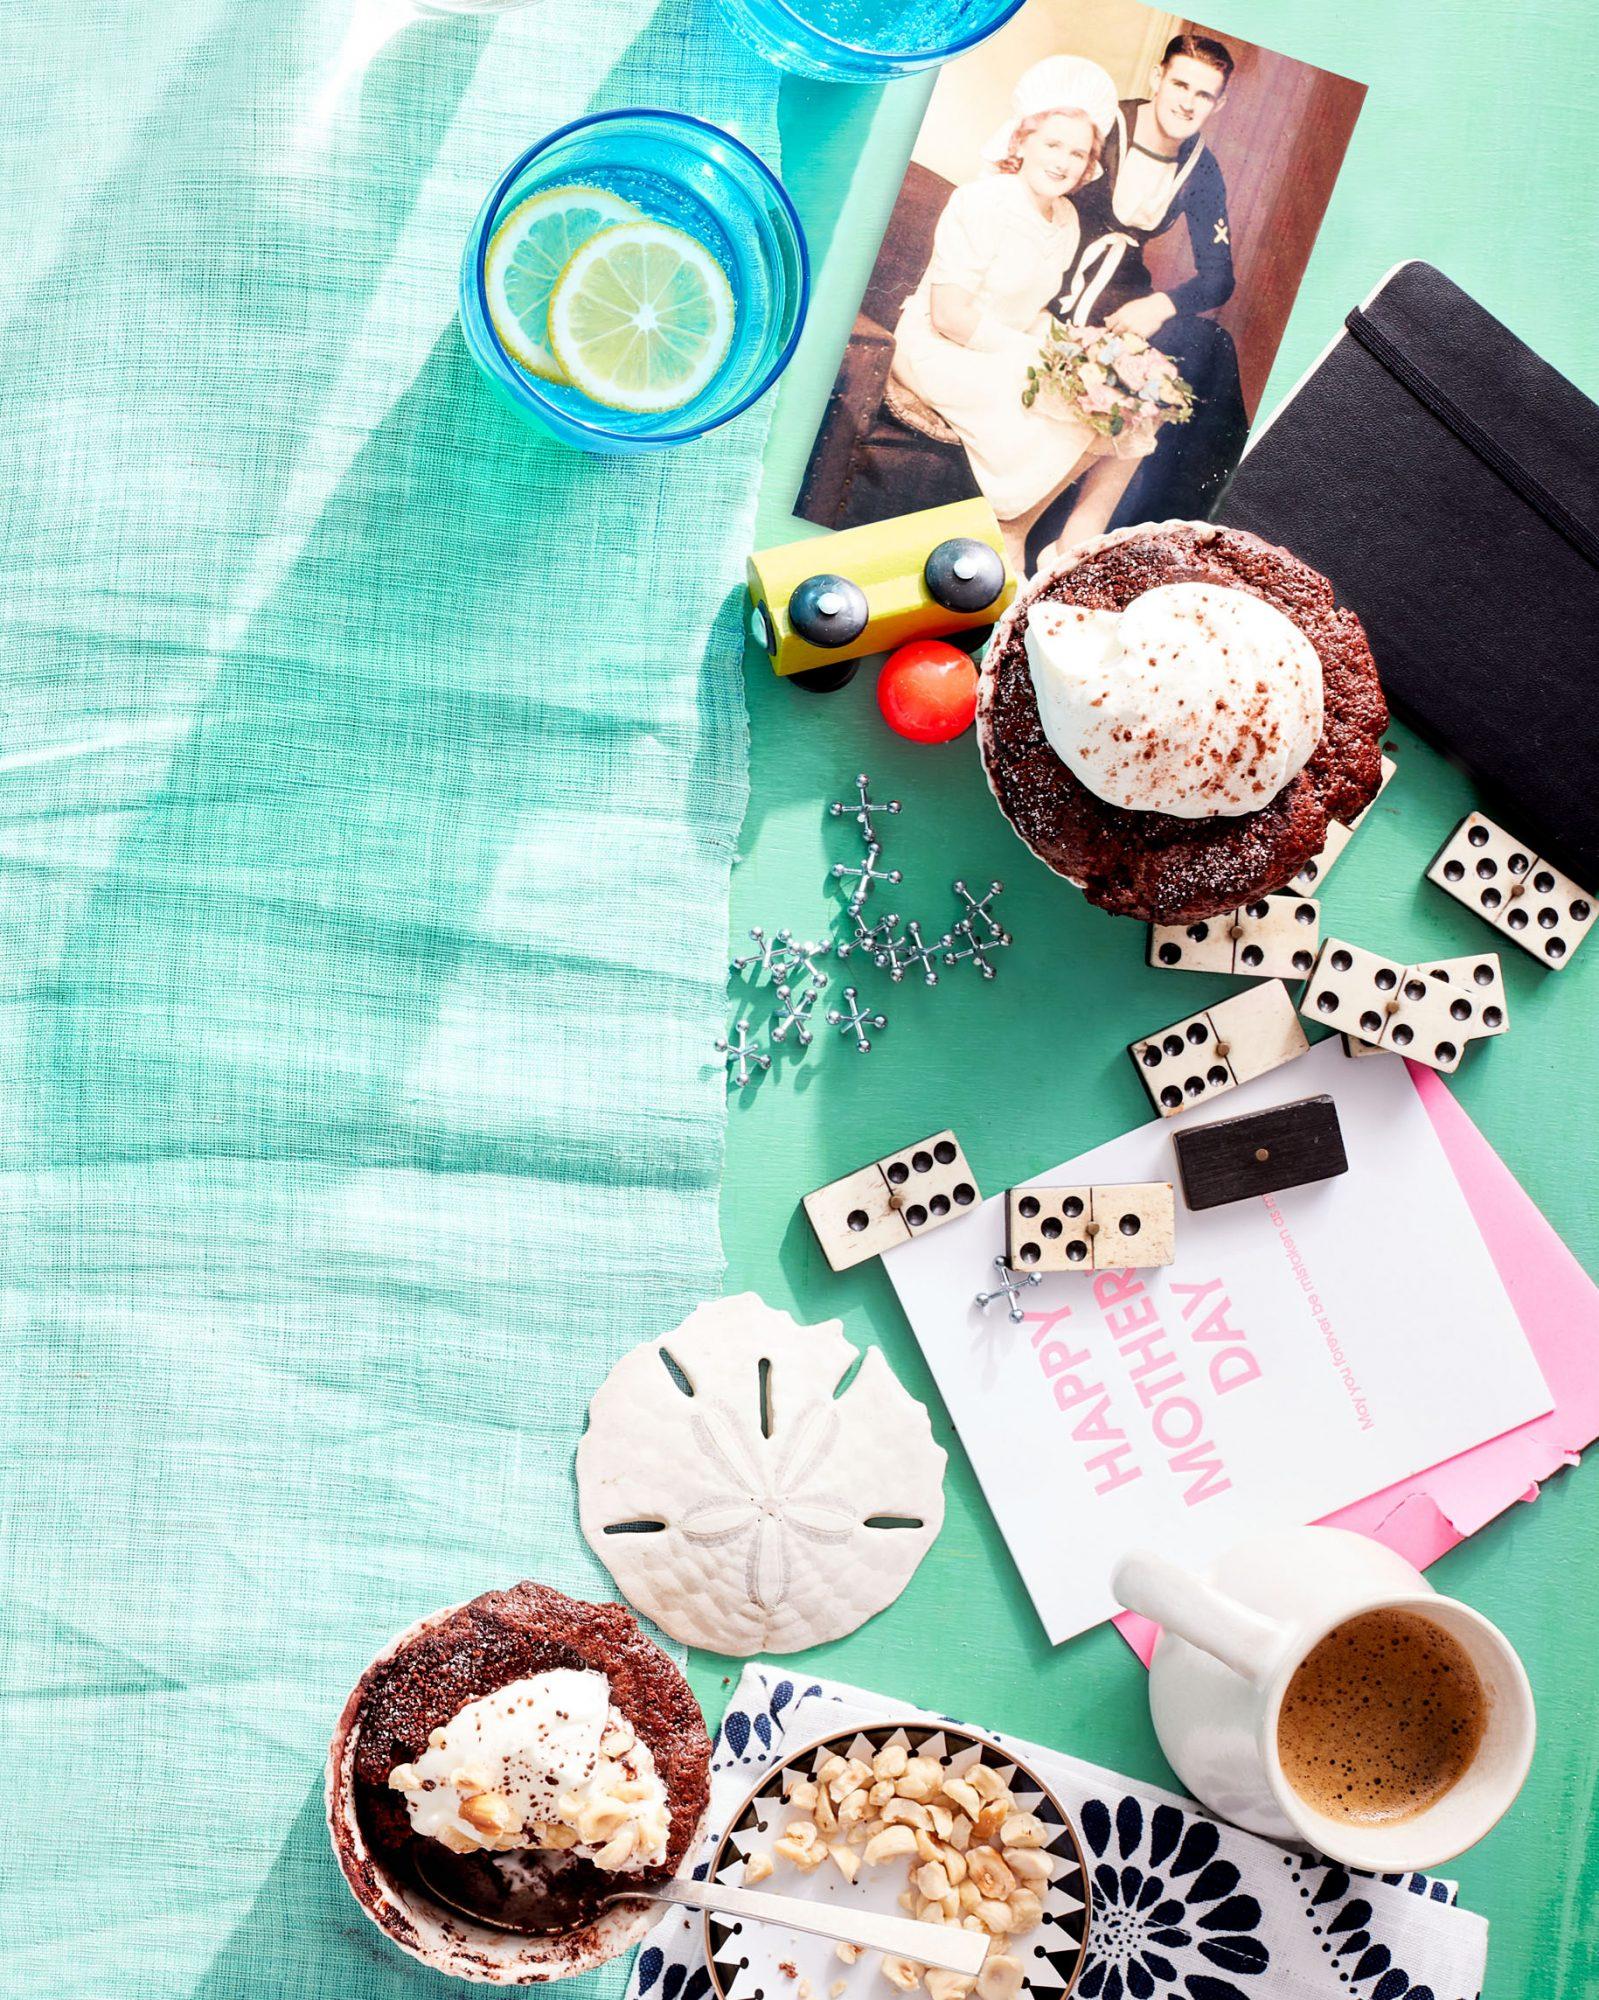 Chocolate Hazelnut Pudding Cakes